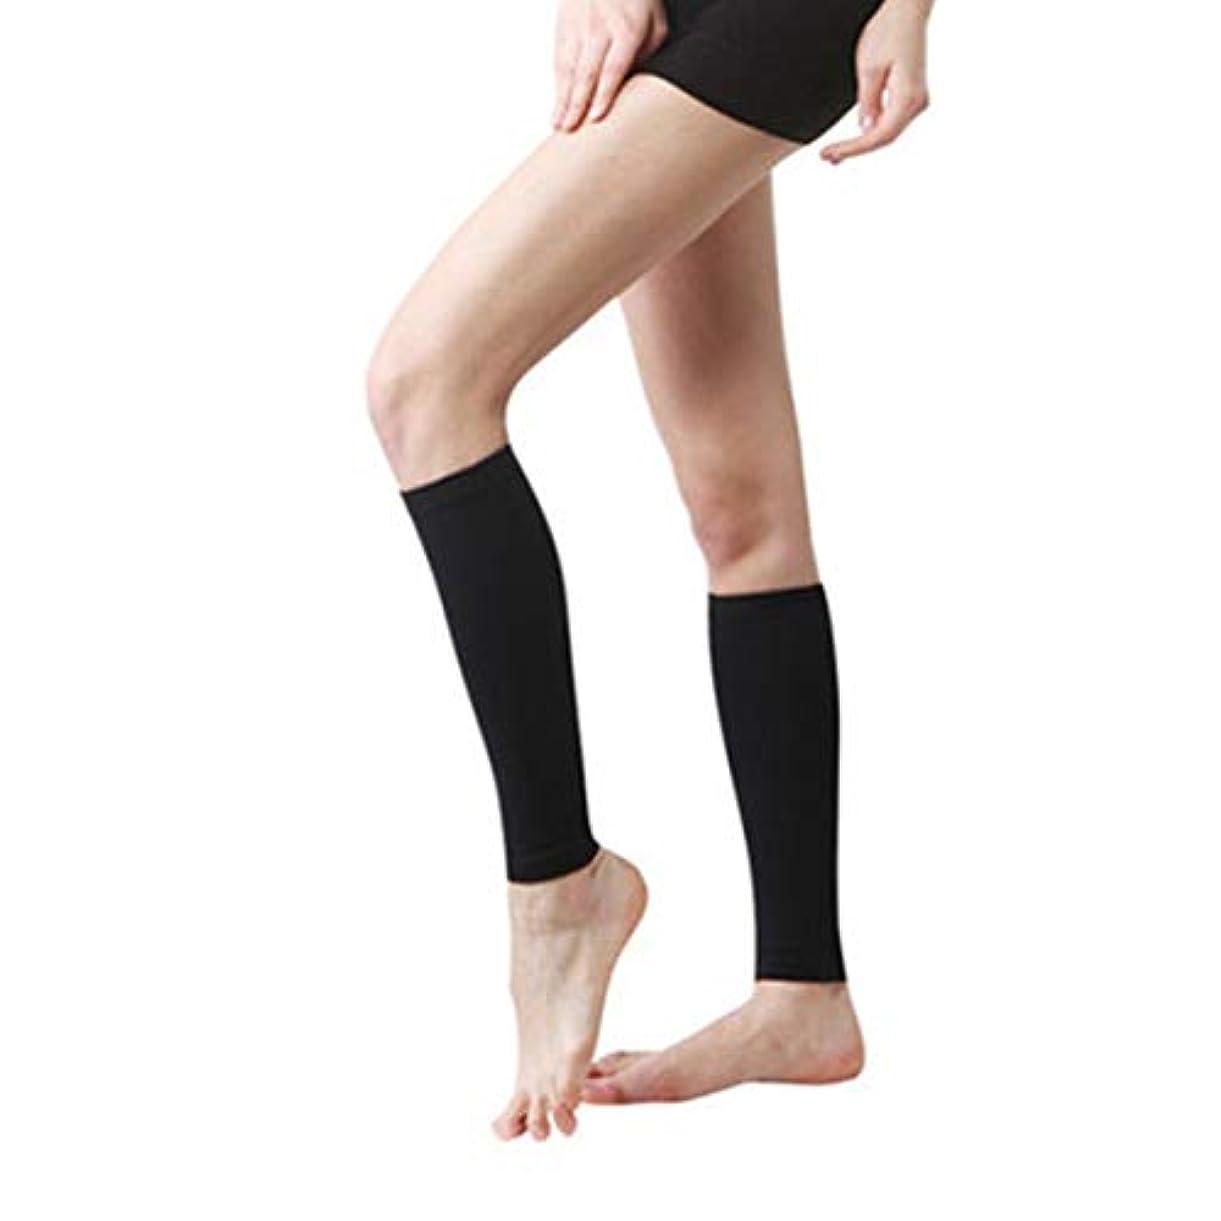 ベル不実稼ぐ丈夫な男性女性プロの圧縮靴下通気性のある旅行活動看護師用シンススプリントフライトトラベル - ブラック